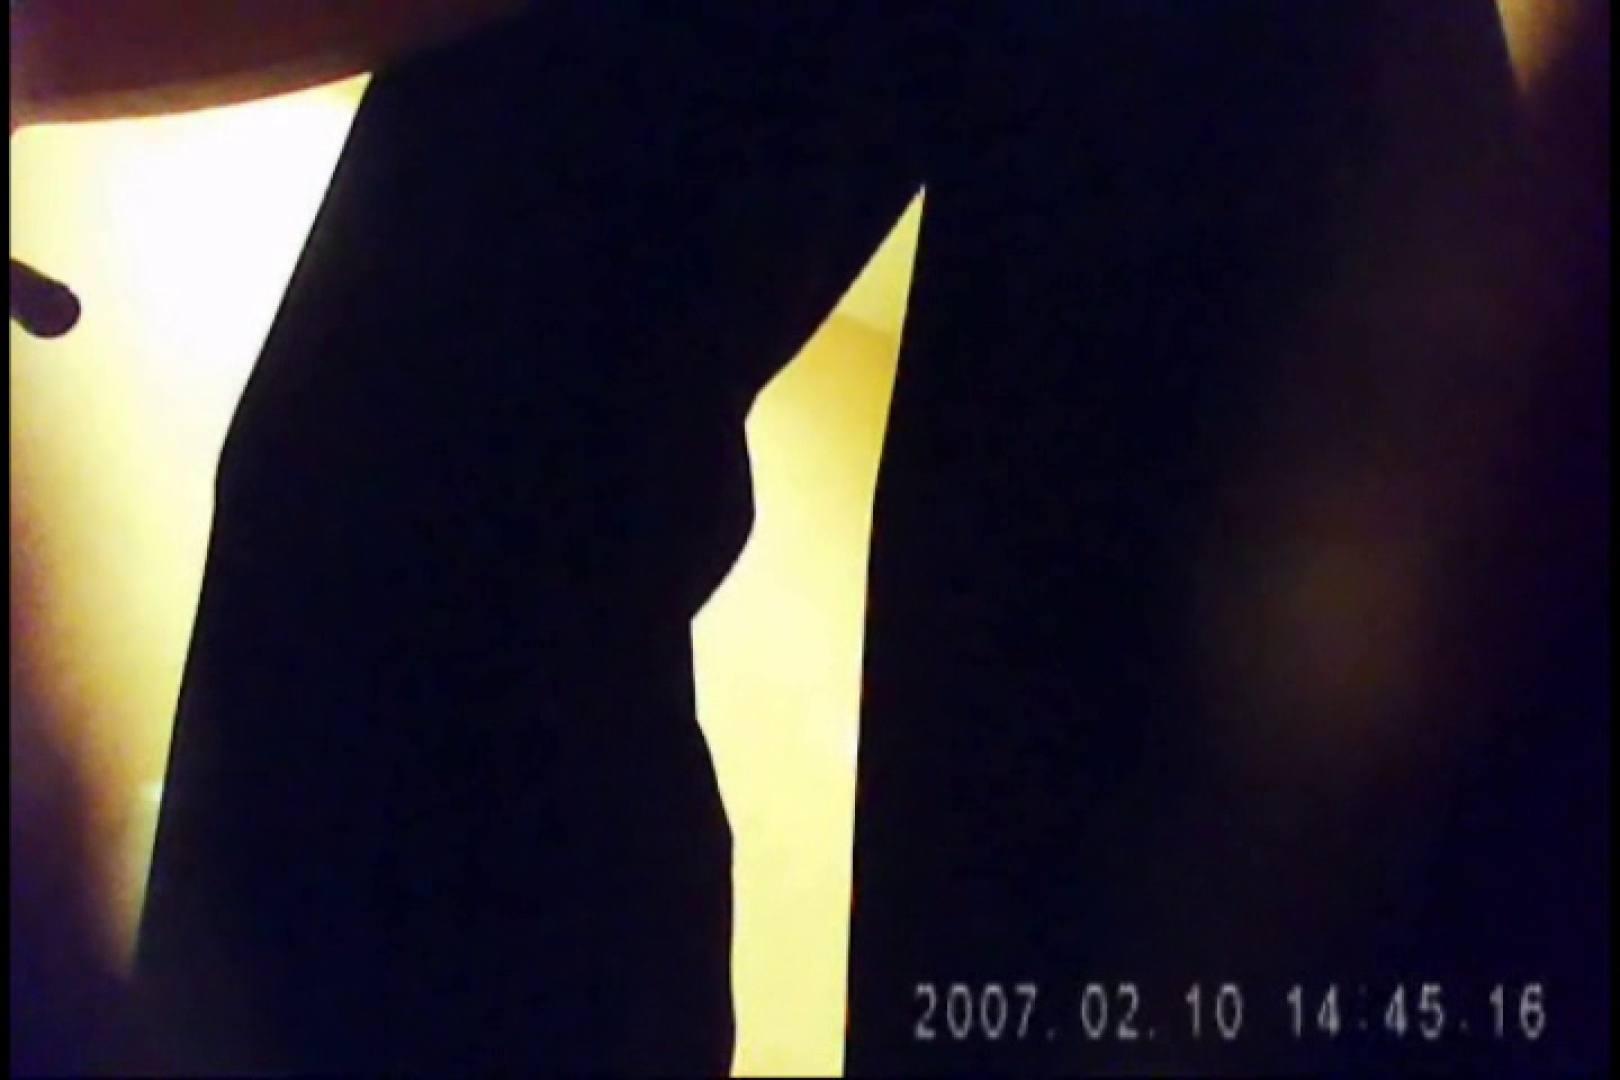 画質向上!新亀さん厠 vol.64 厠・・・ ヌード画像 106PIX 53